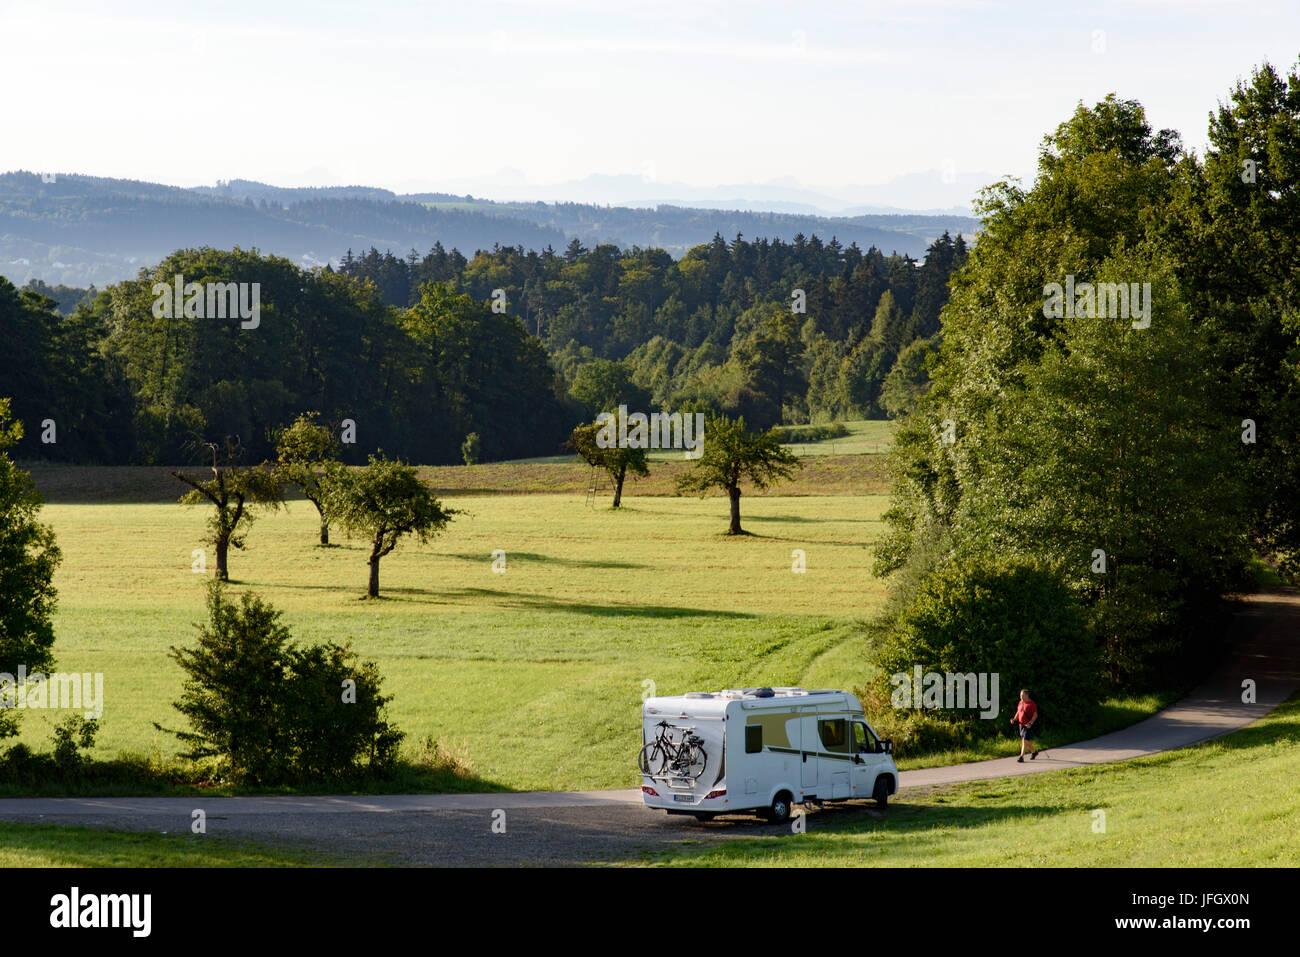 Camper, un prado con árboles frutales dispersos, Ravensburg, Baden-Wurttemberg, Alemania Foto de stock